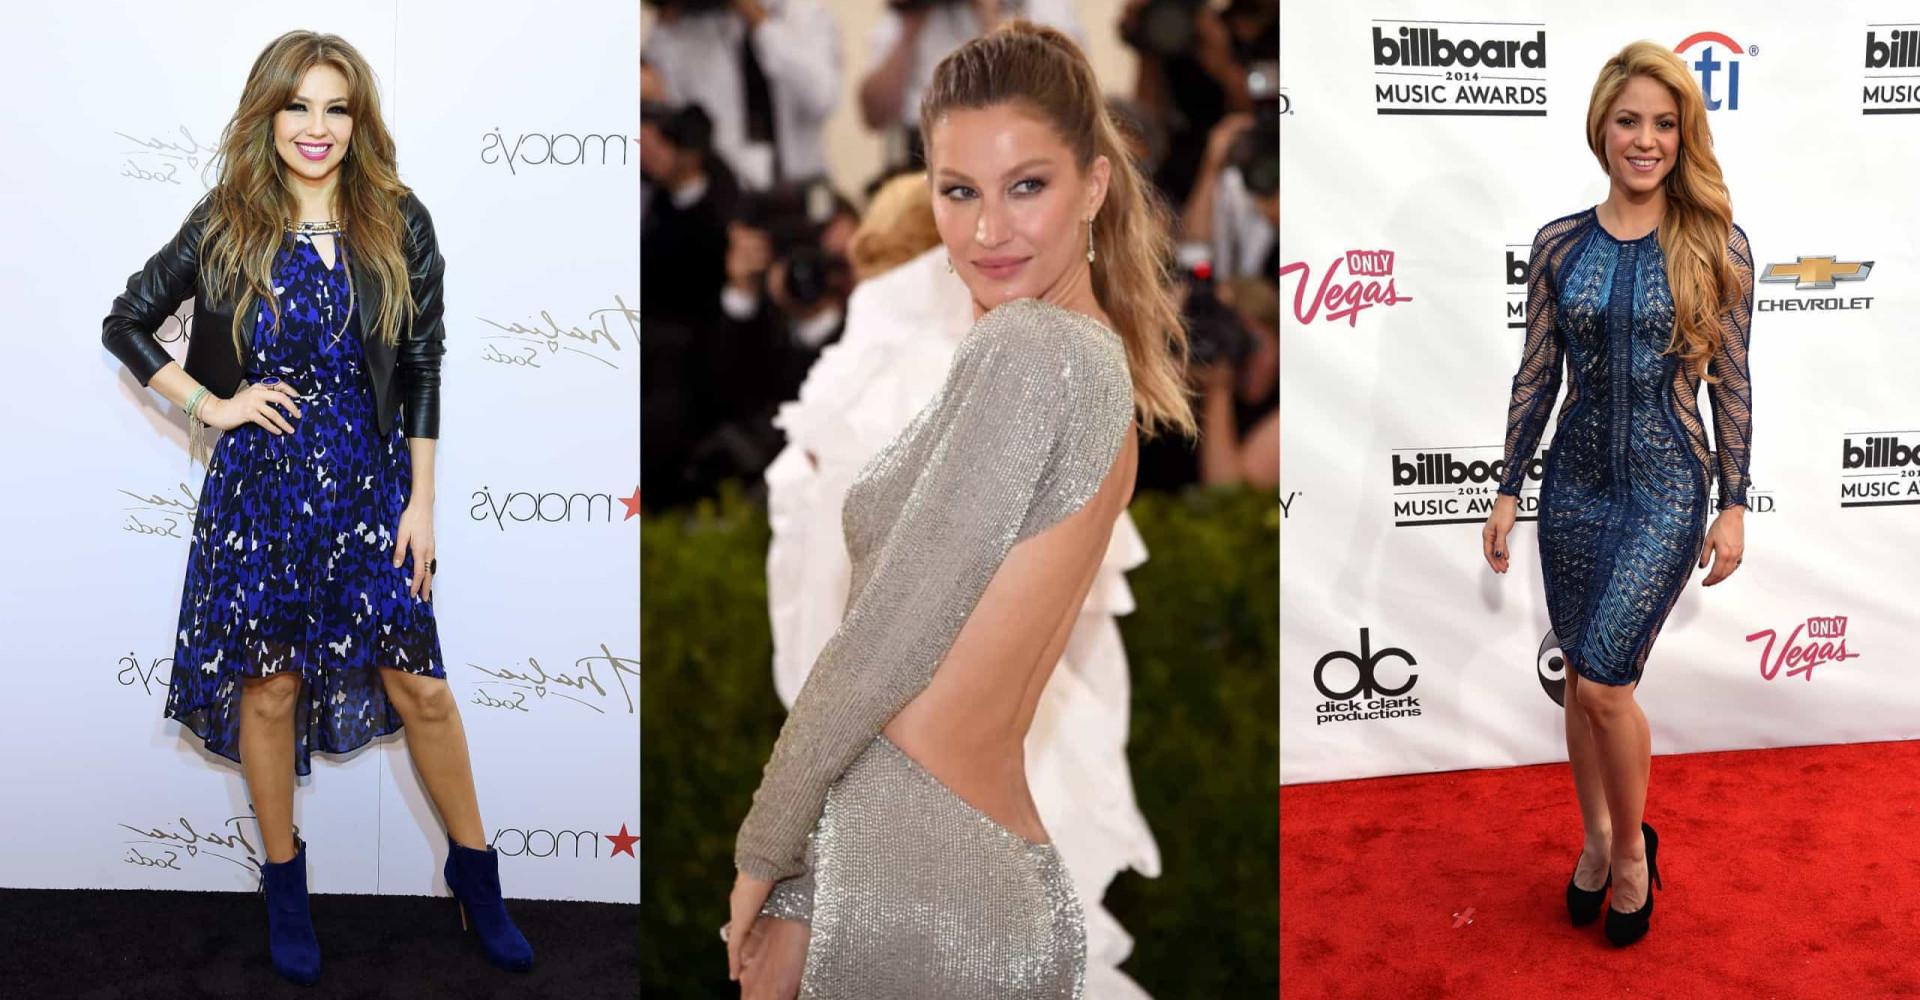 ¿Cuáles son las mejores poses de las celebridades?